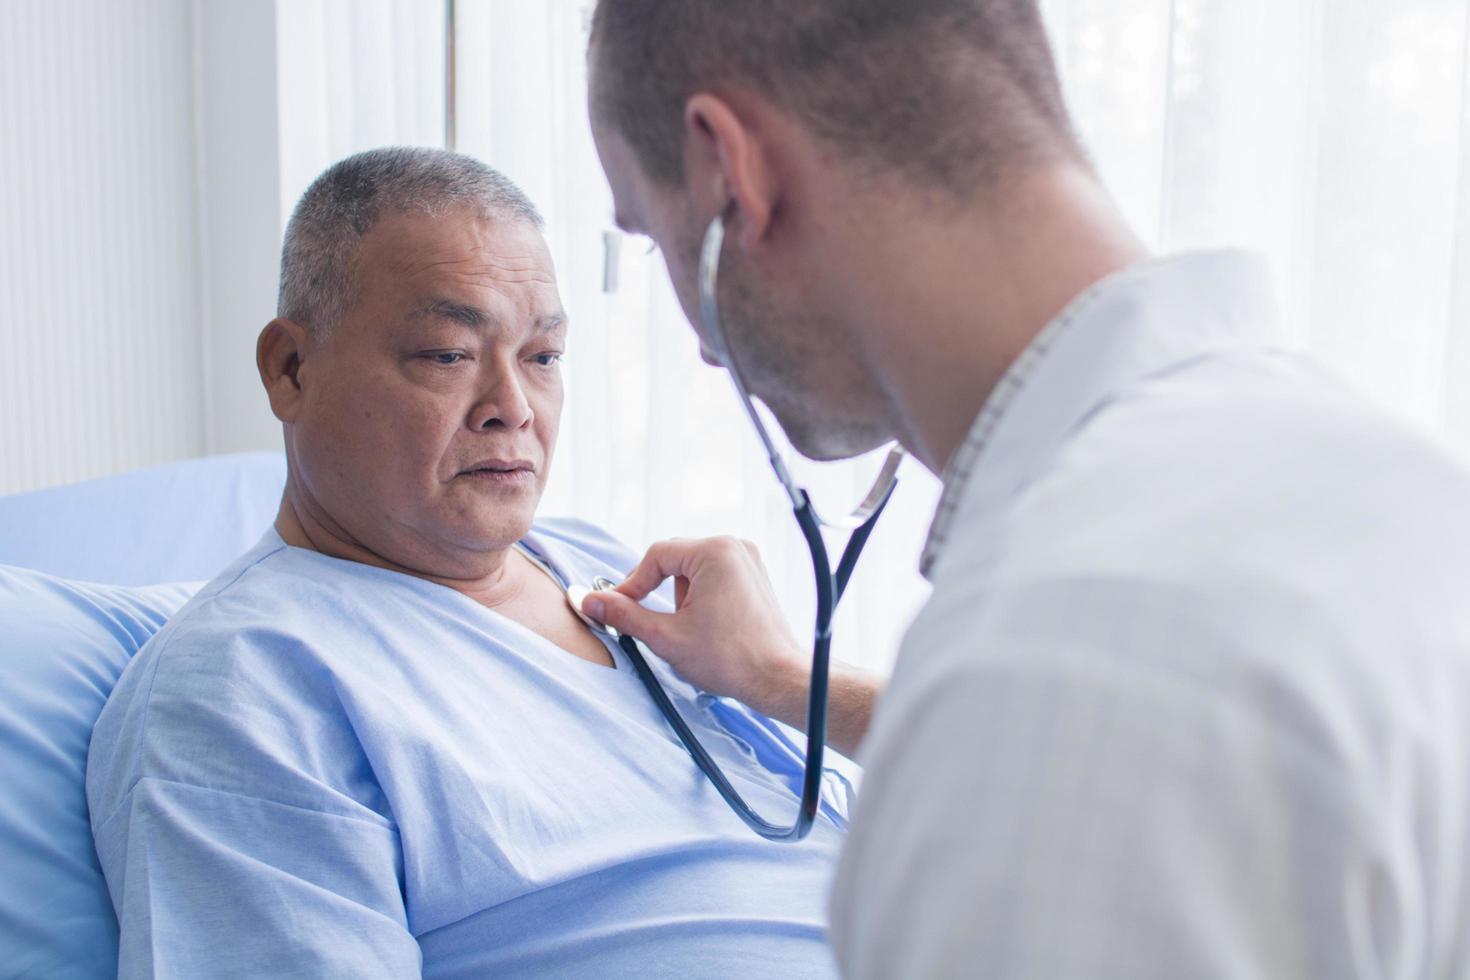 médecin utilisant un stéthoscope pour écouter le cœur du patient photo